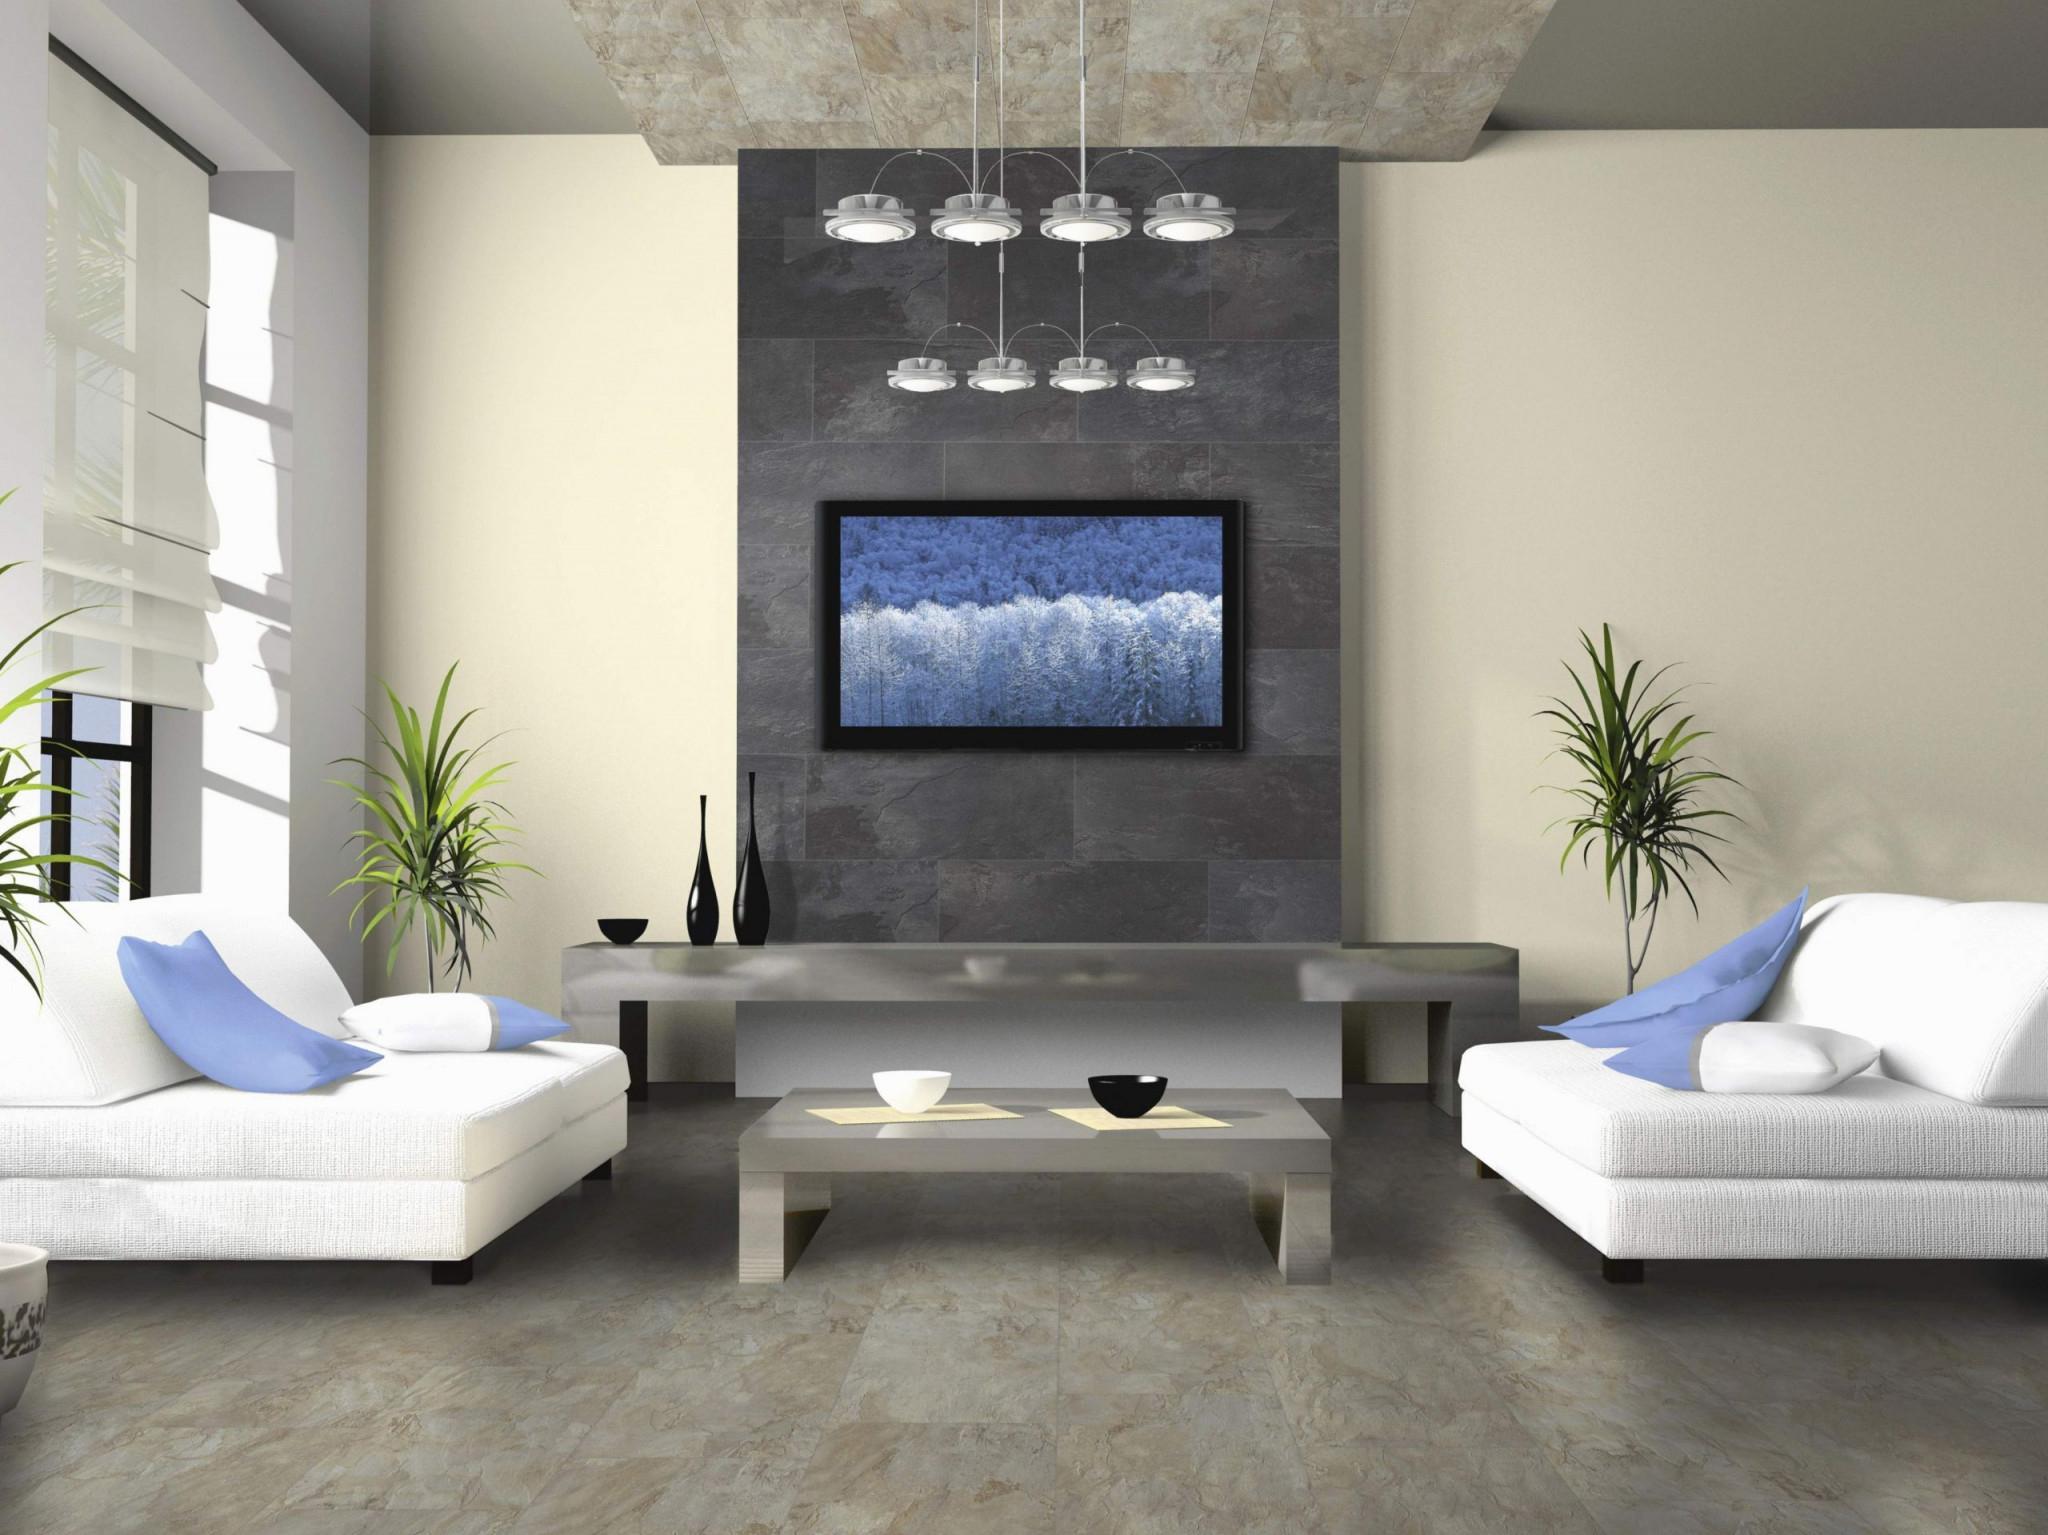 20 Fantastische Fernsehdekorationsideen Ordentlich von Deko Wohnzimmer Modern Photo